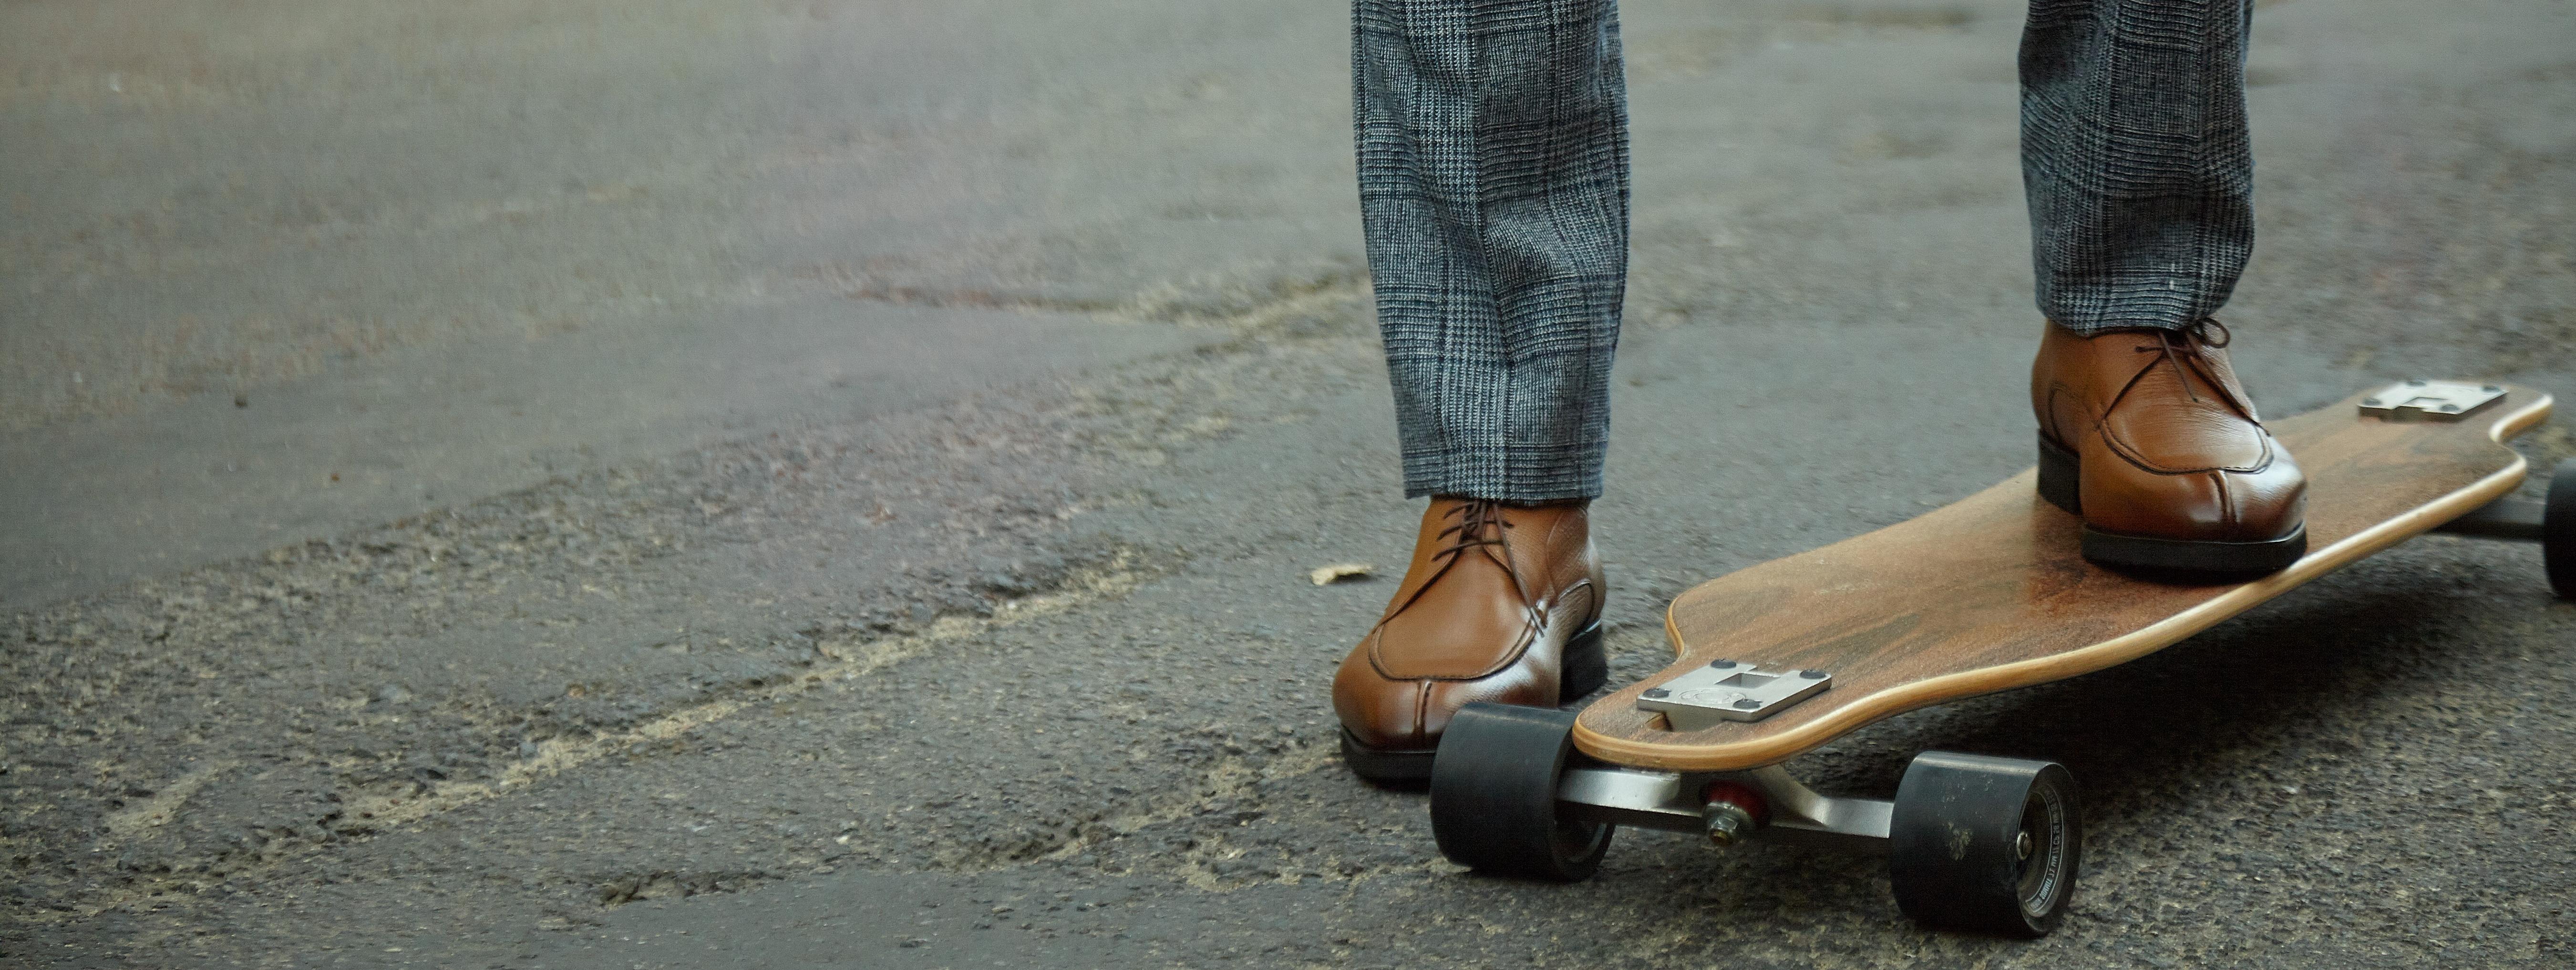 Businessman riding a wooden skateboard